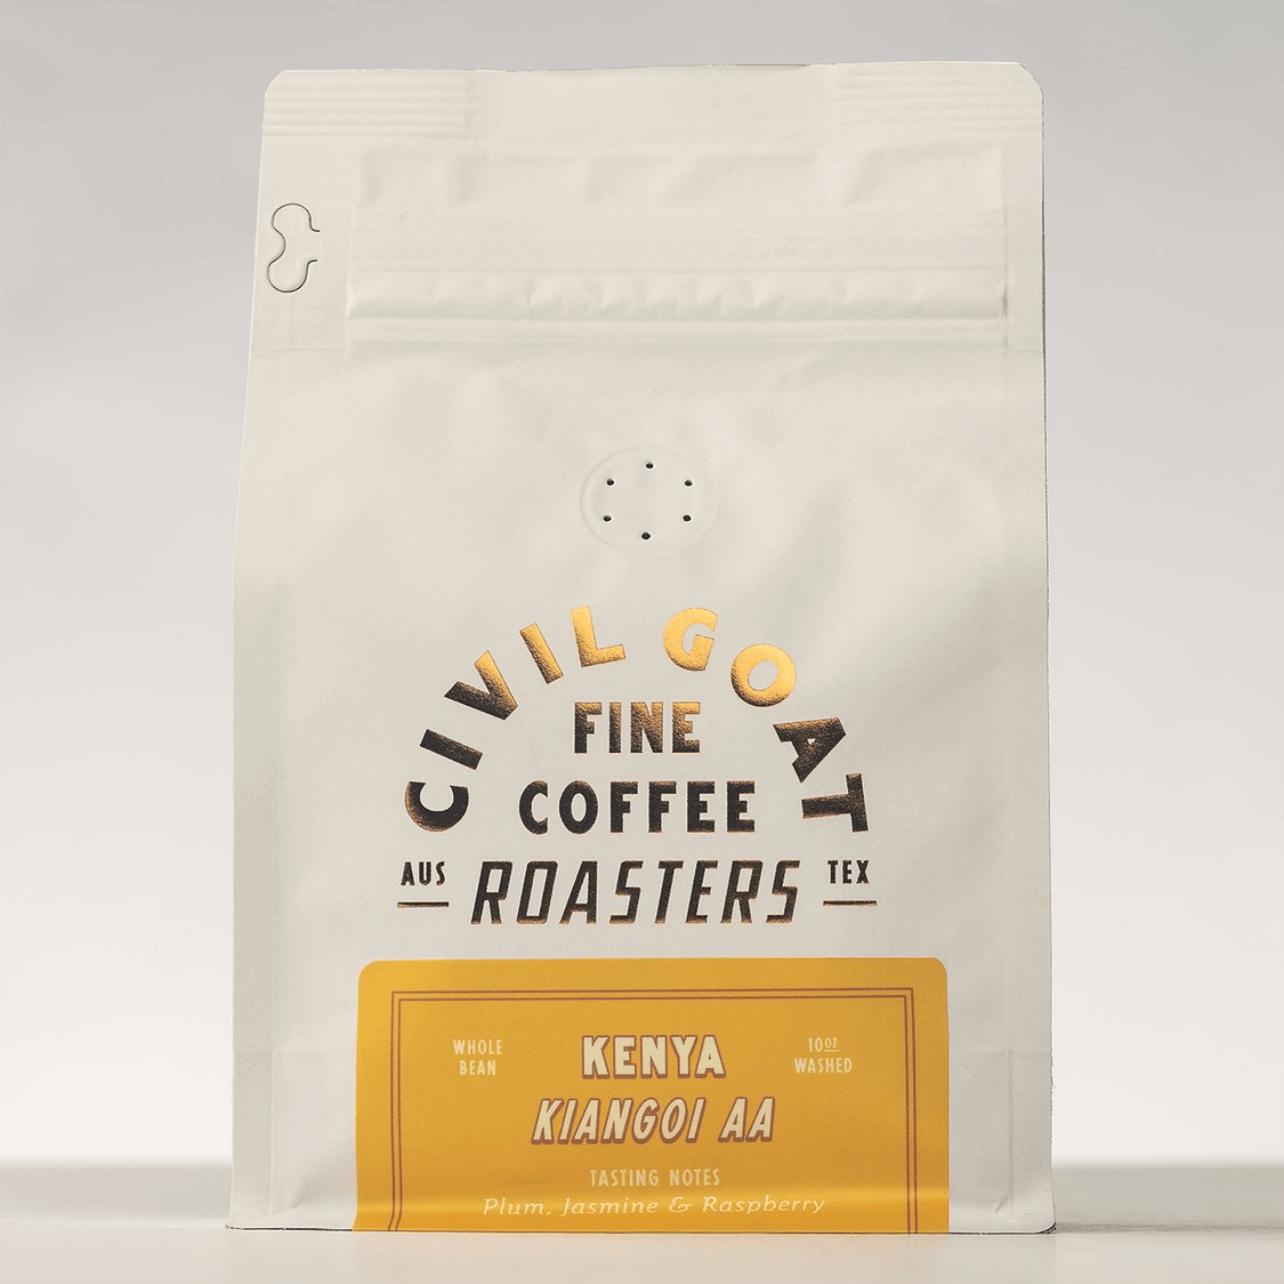 Kenya Kiangoi AA from Civil Goat Coffee